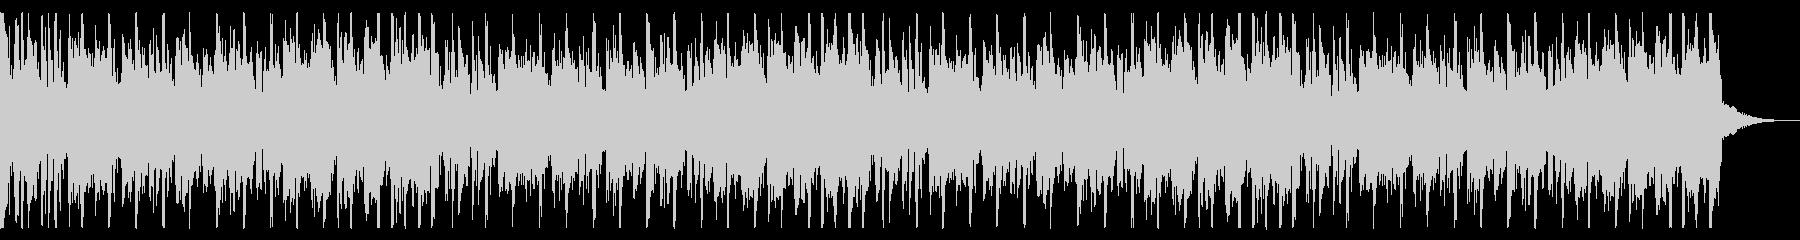 近未来的サイバーBGM_No622_5の未再生の波形